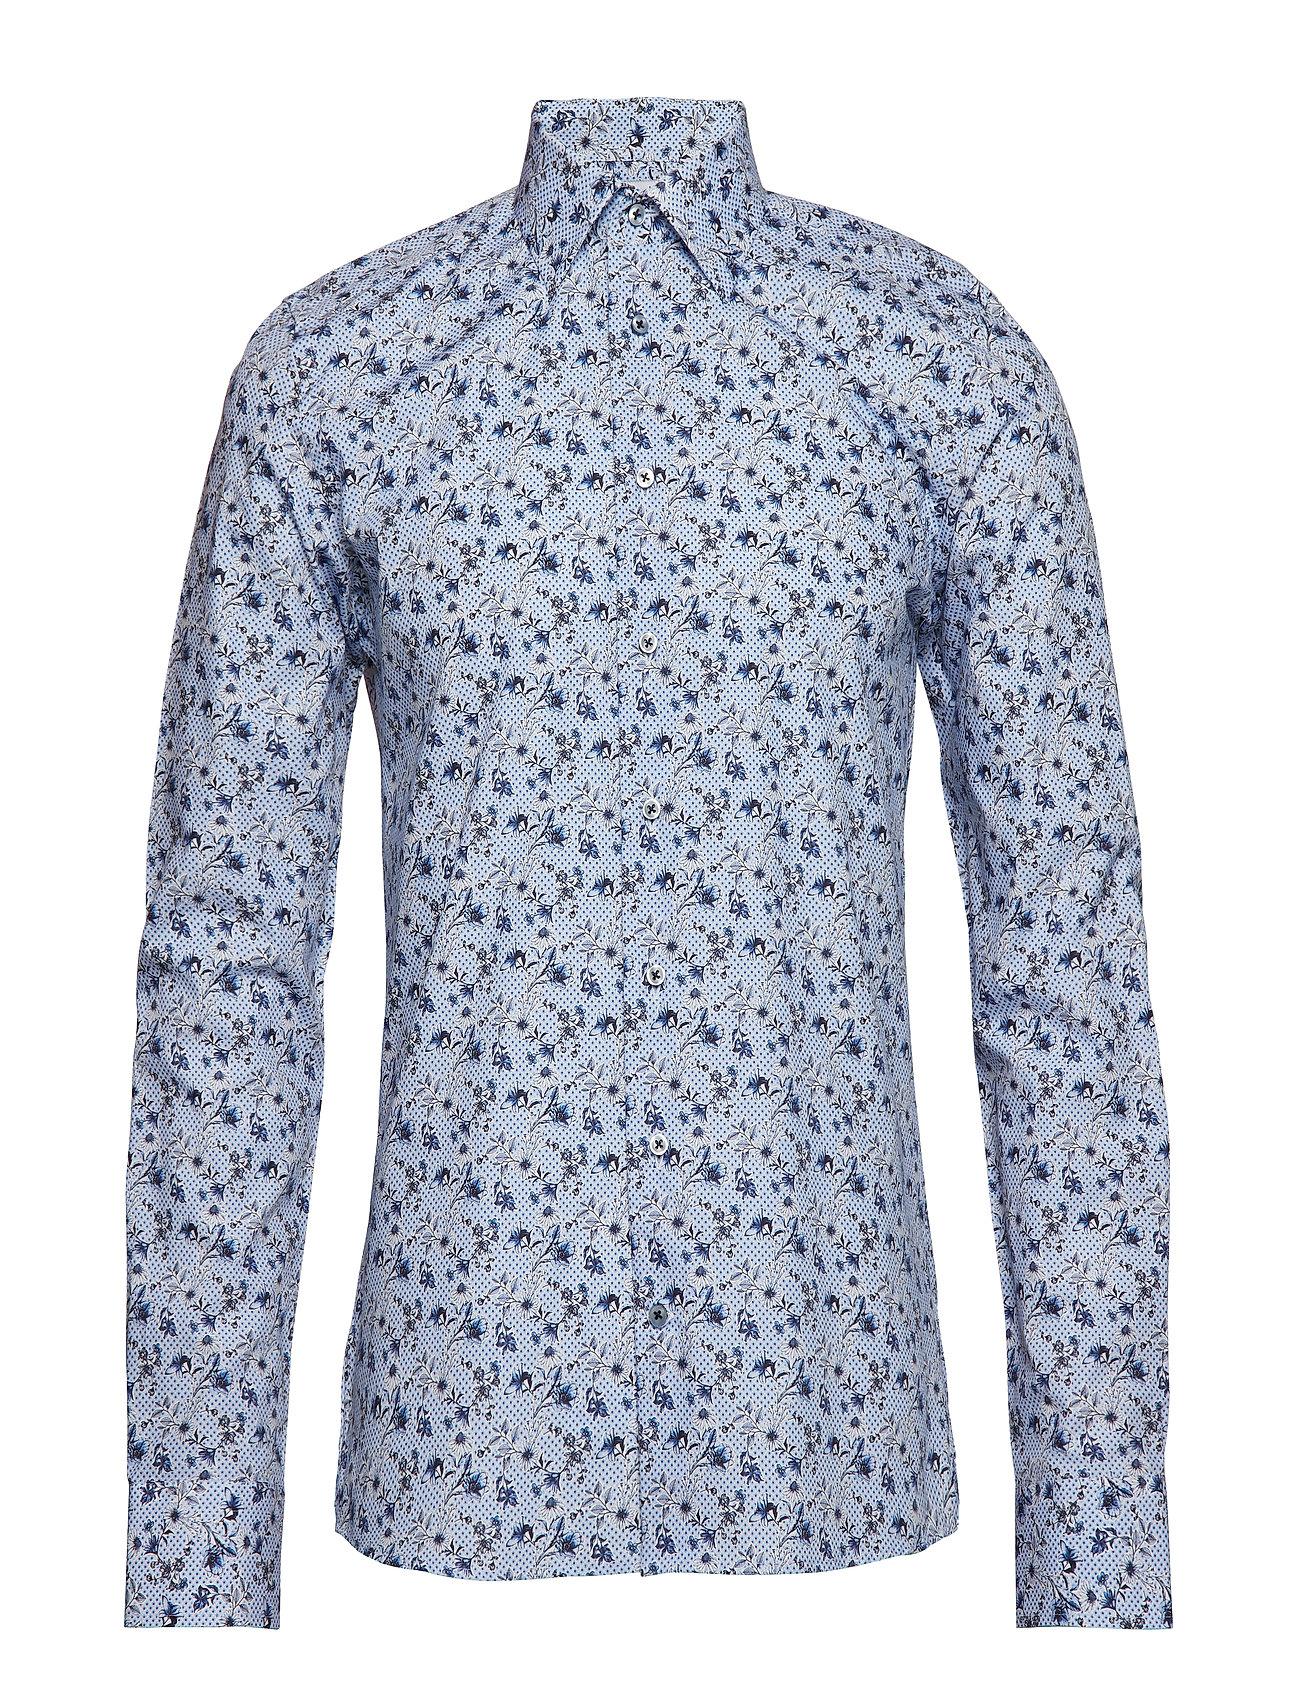 XO Shirtmaker by Sand Copenhagen 8172 Jake SC Ögrönlar